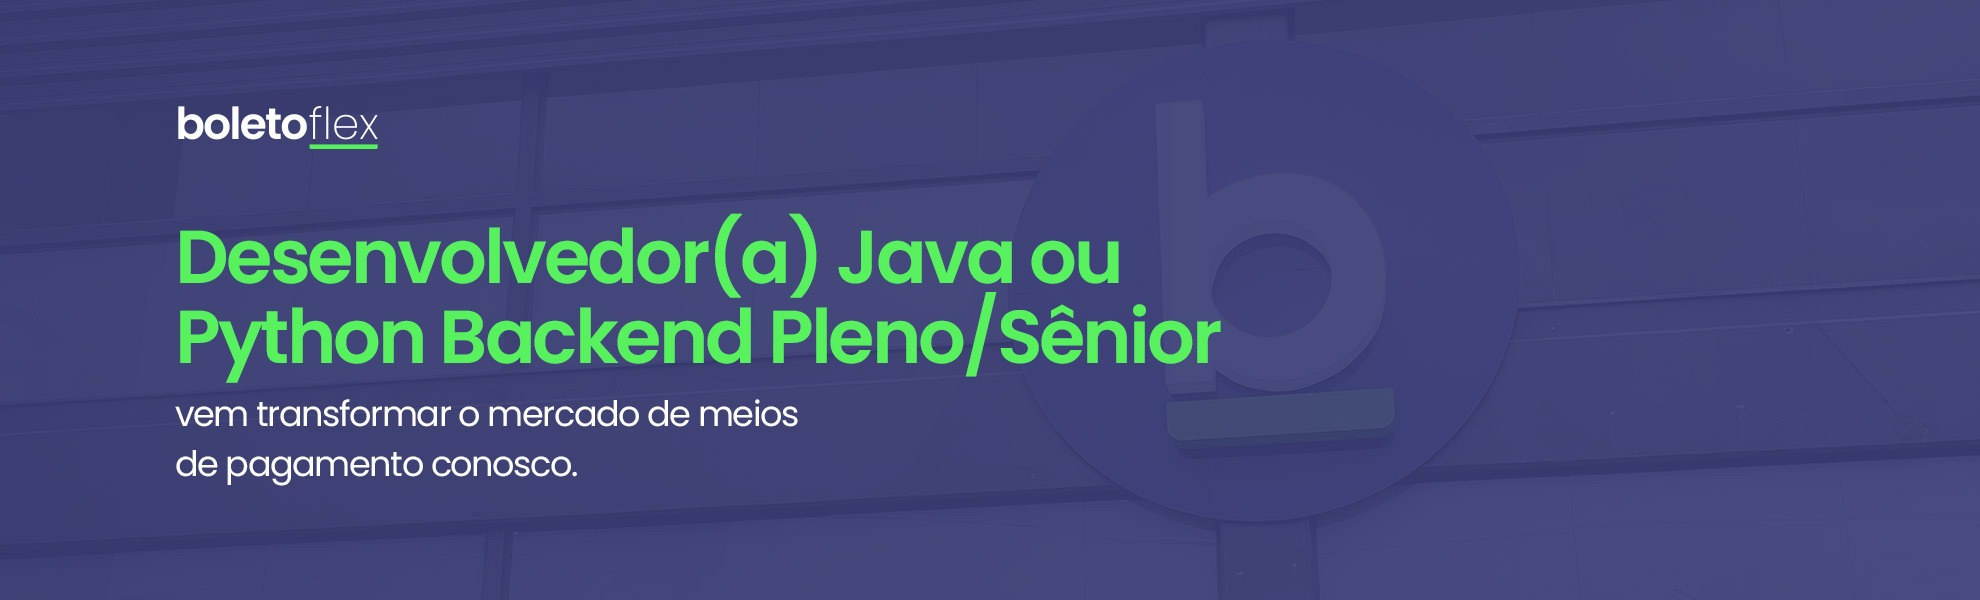 Desenvolvedor(a) Java ou Python Backend Pleno/Sênior